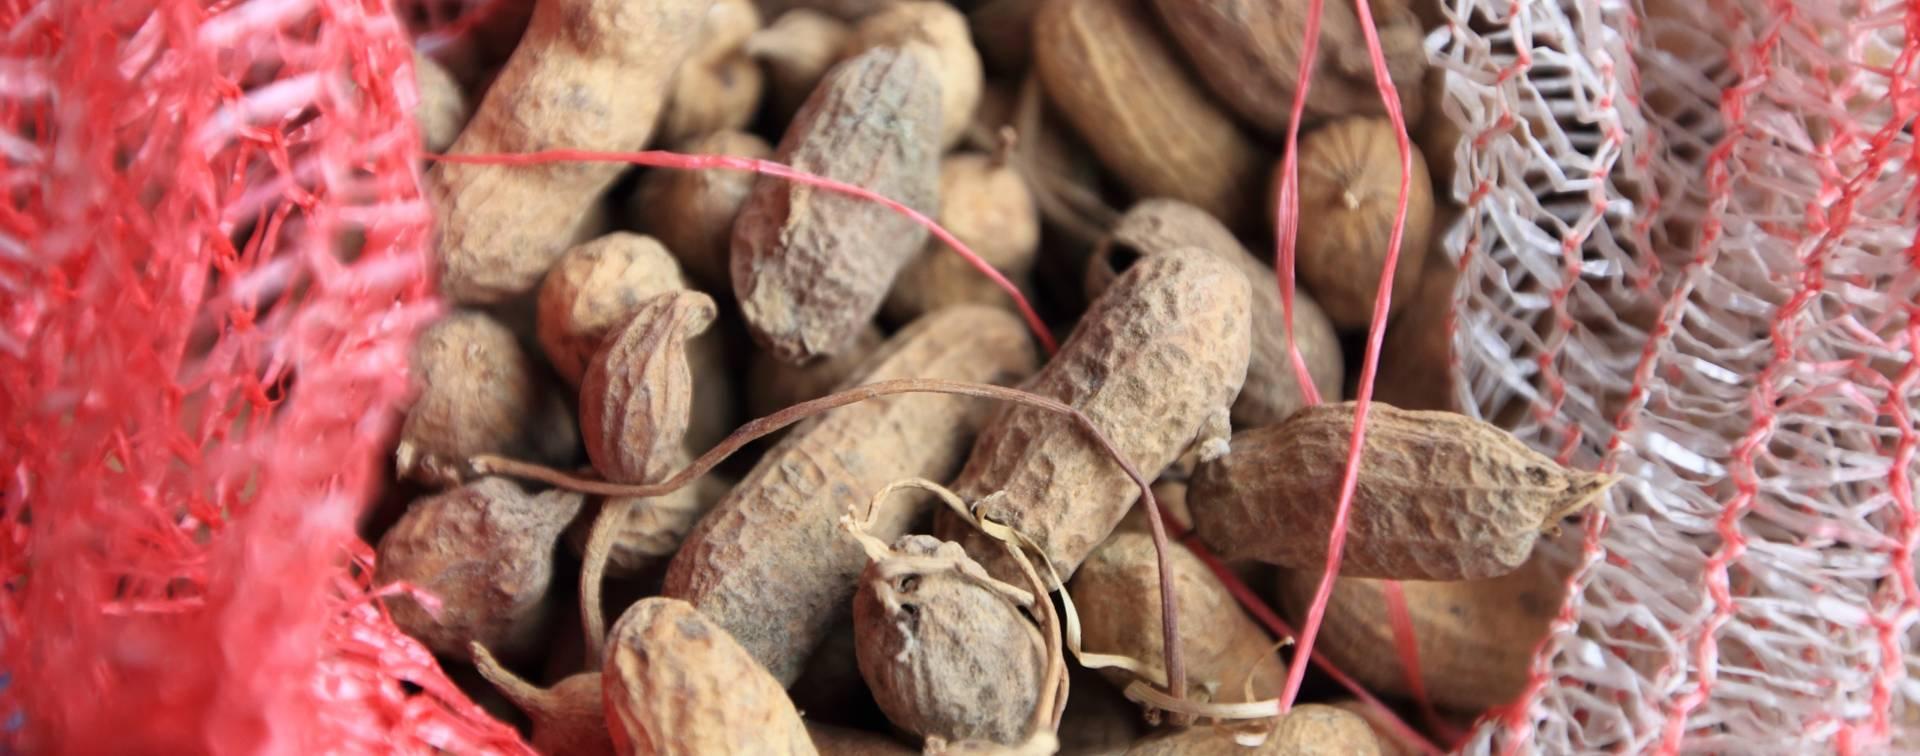 POLA ŠAKE DNEVNO: Orasi i kikiriki štite od prerane smrti